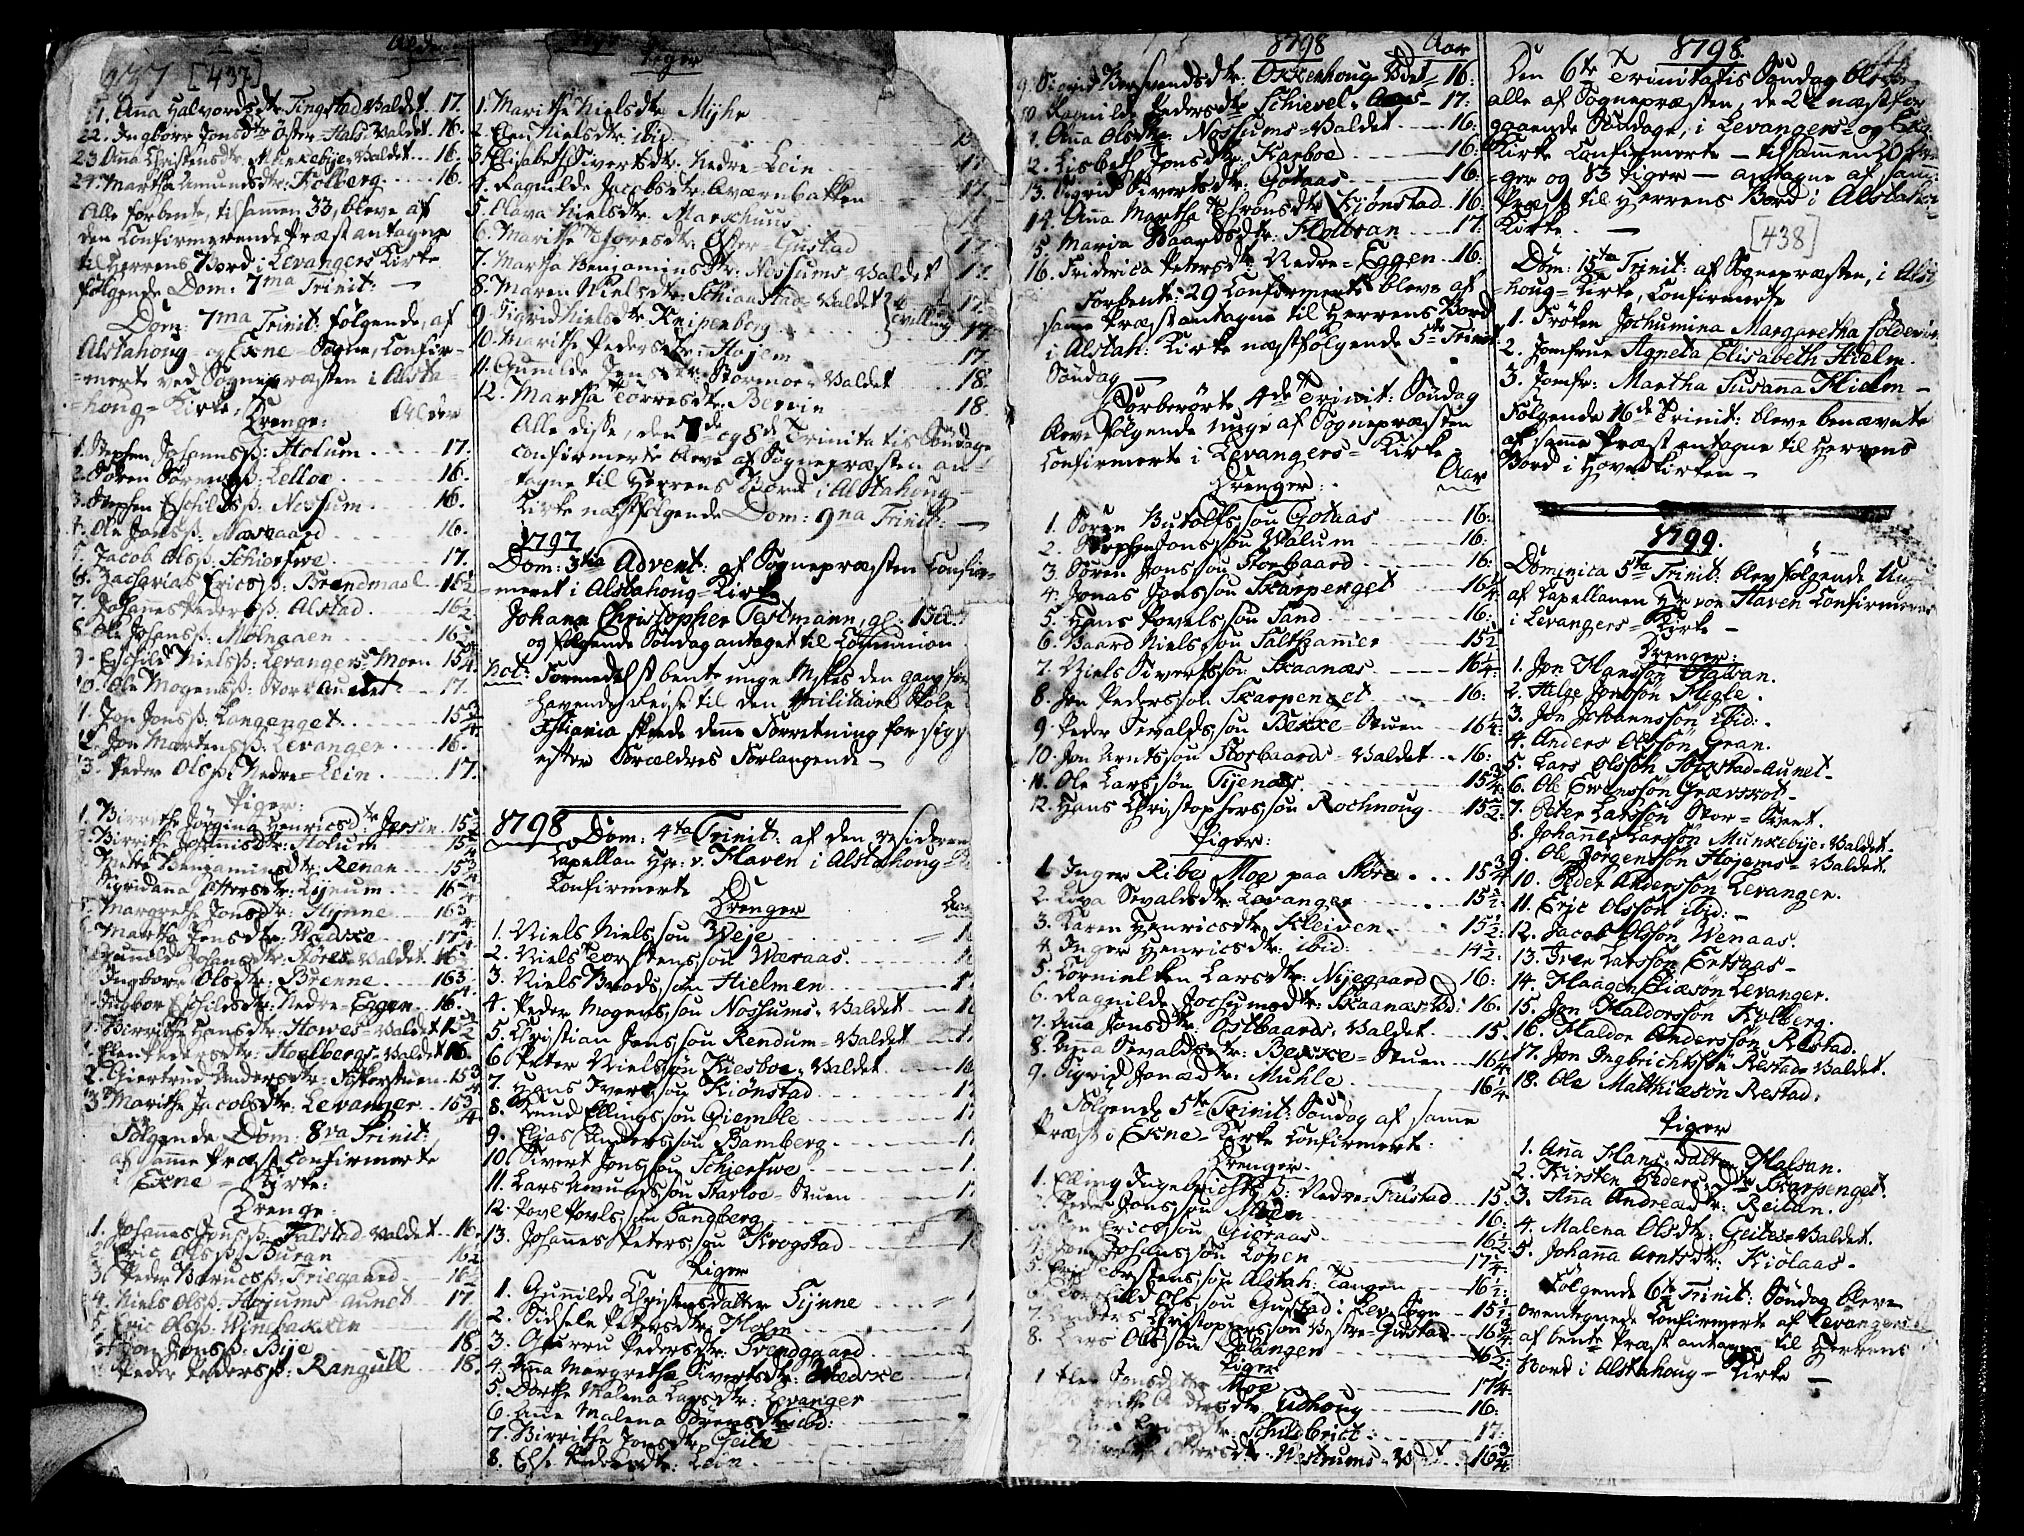 SAT, Ministerialprotokoller, klokkerbøker og fødselsregistre - Nord-Trøndelag, 717/L0141: Ministerialbok nr. 717A01, 1747-1803, s. 437-438